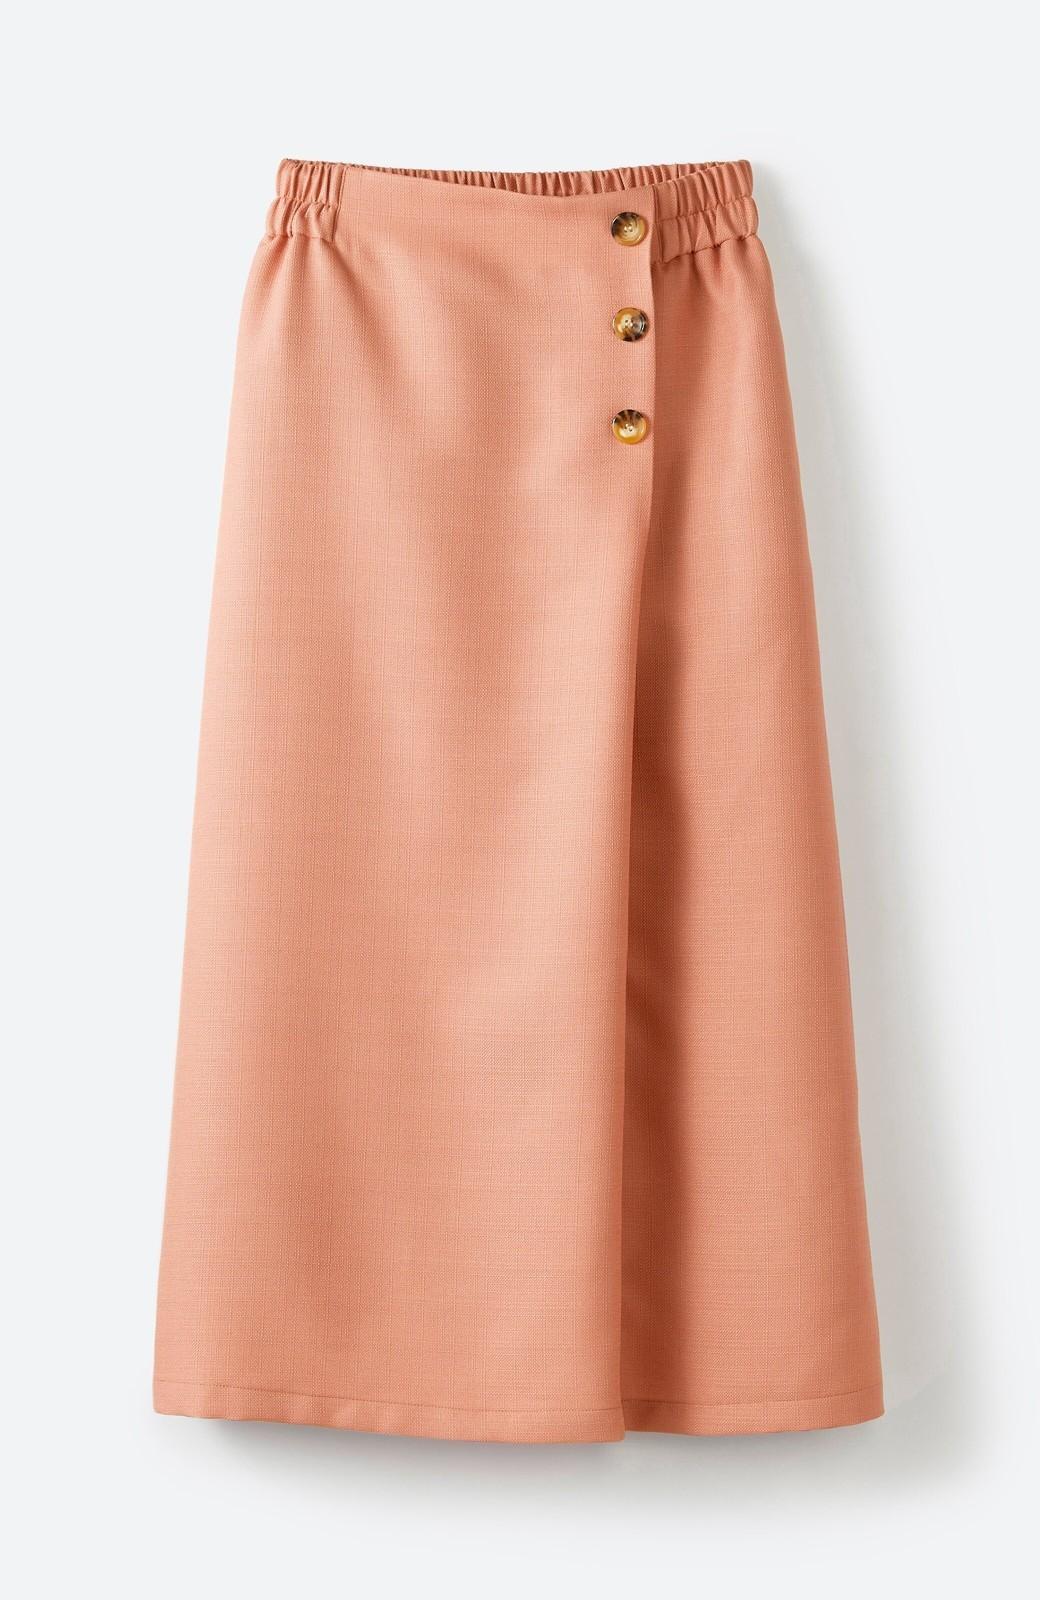 haco! これさえあればきれいなお姉さんになれそうな気がする 麻調素材のきれいめラップスカート <オレンジ>の商品写真4